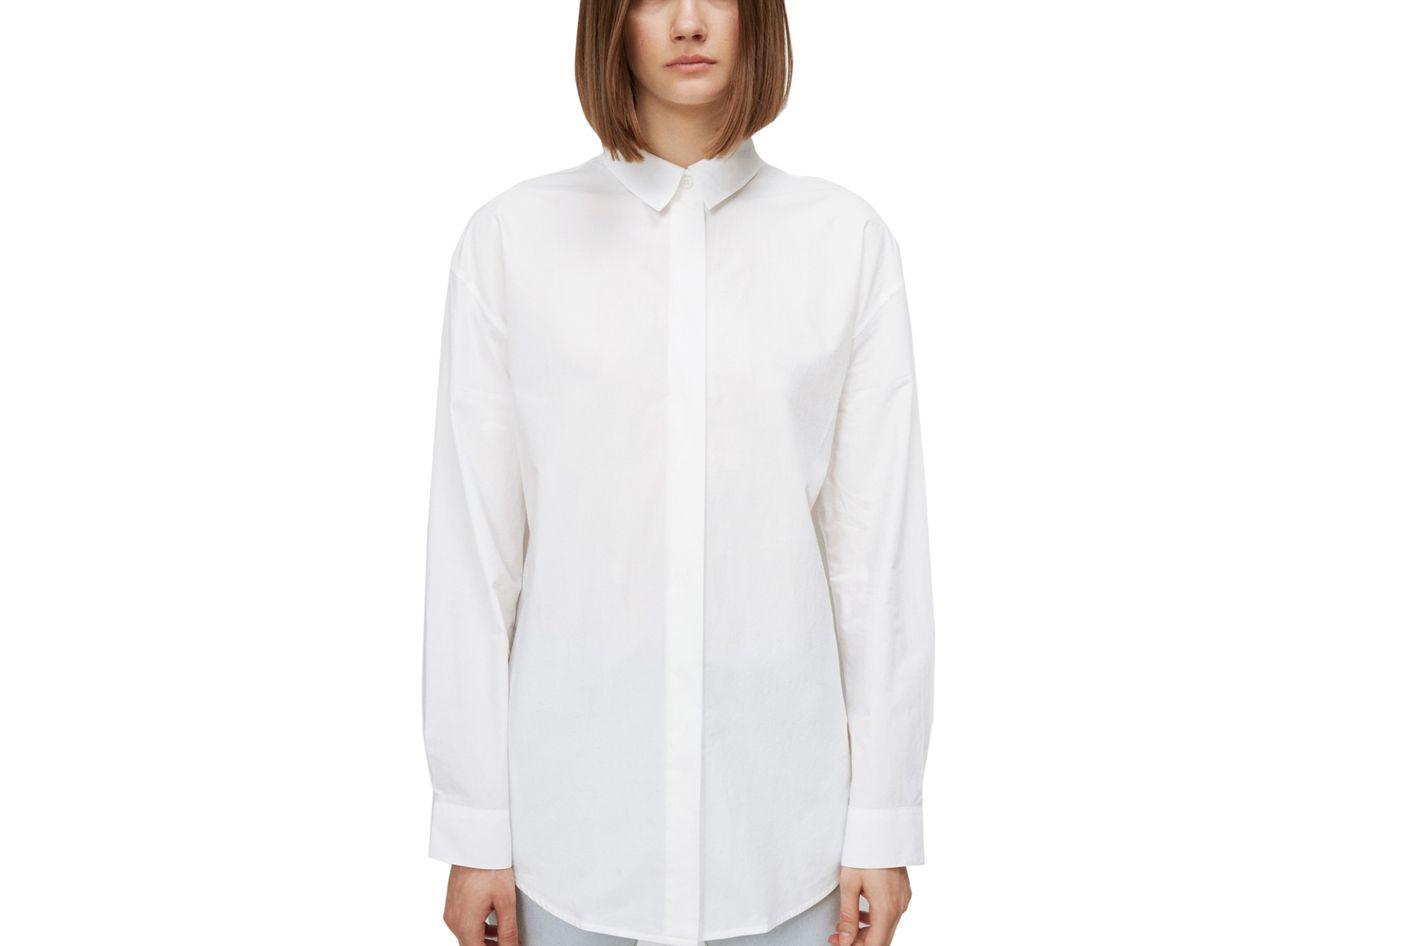 Acne Studios Bela Soft Pop Shirt